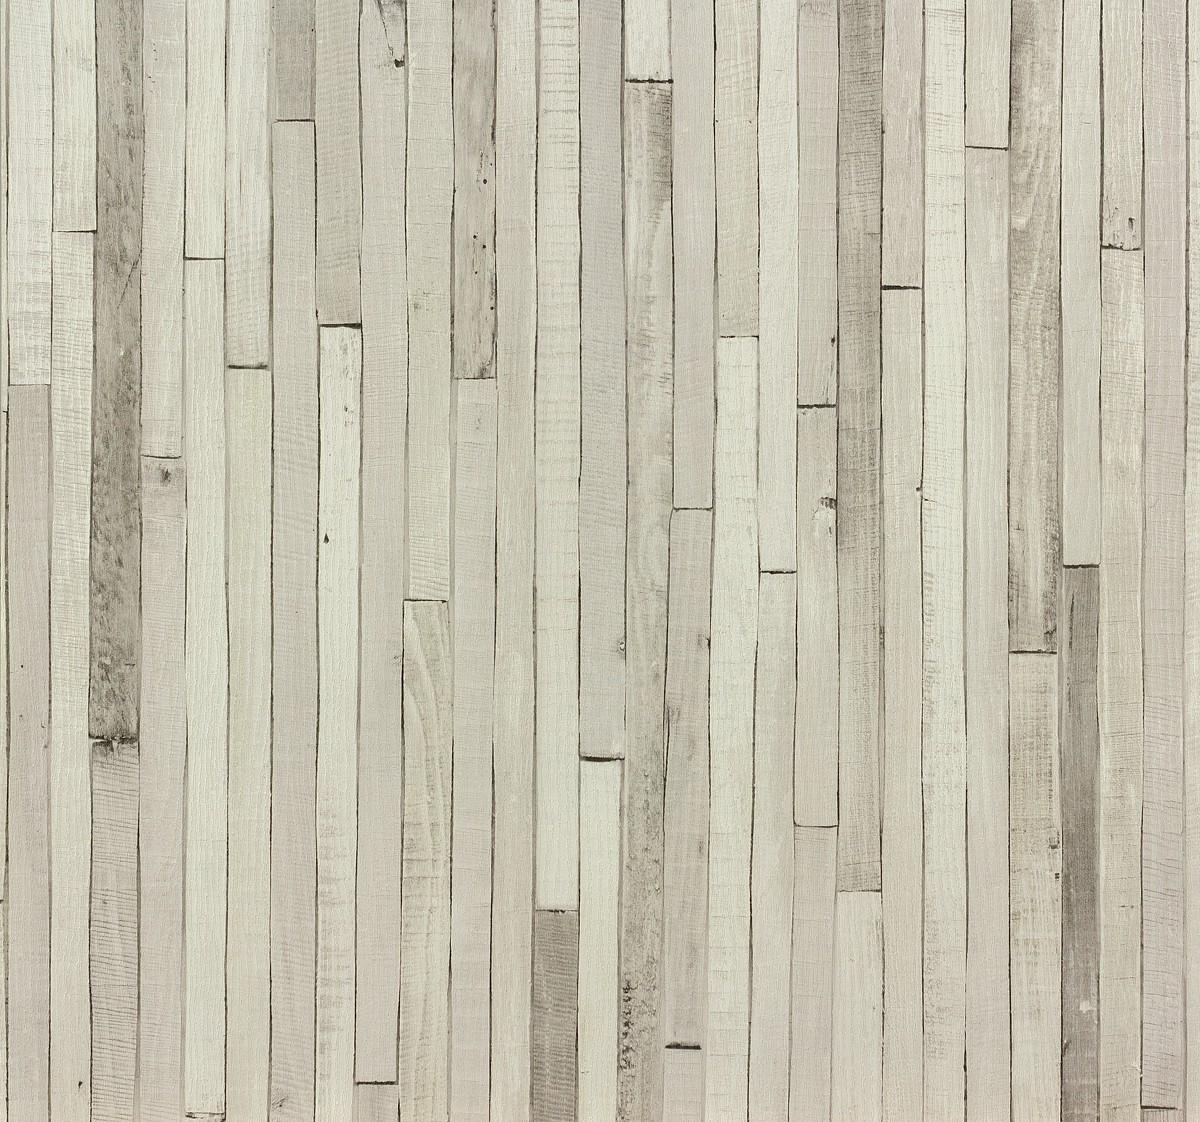 Tapete Holzoptik Grau ~ Die neuesten Innenarchitekturideen